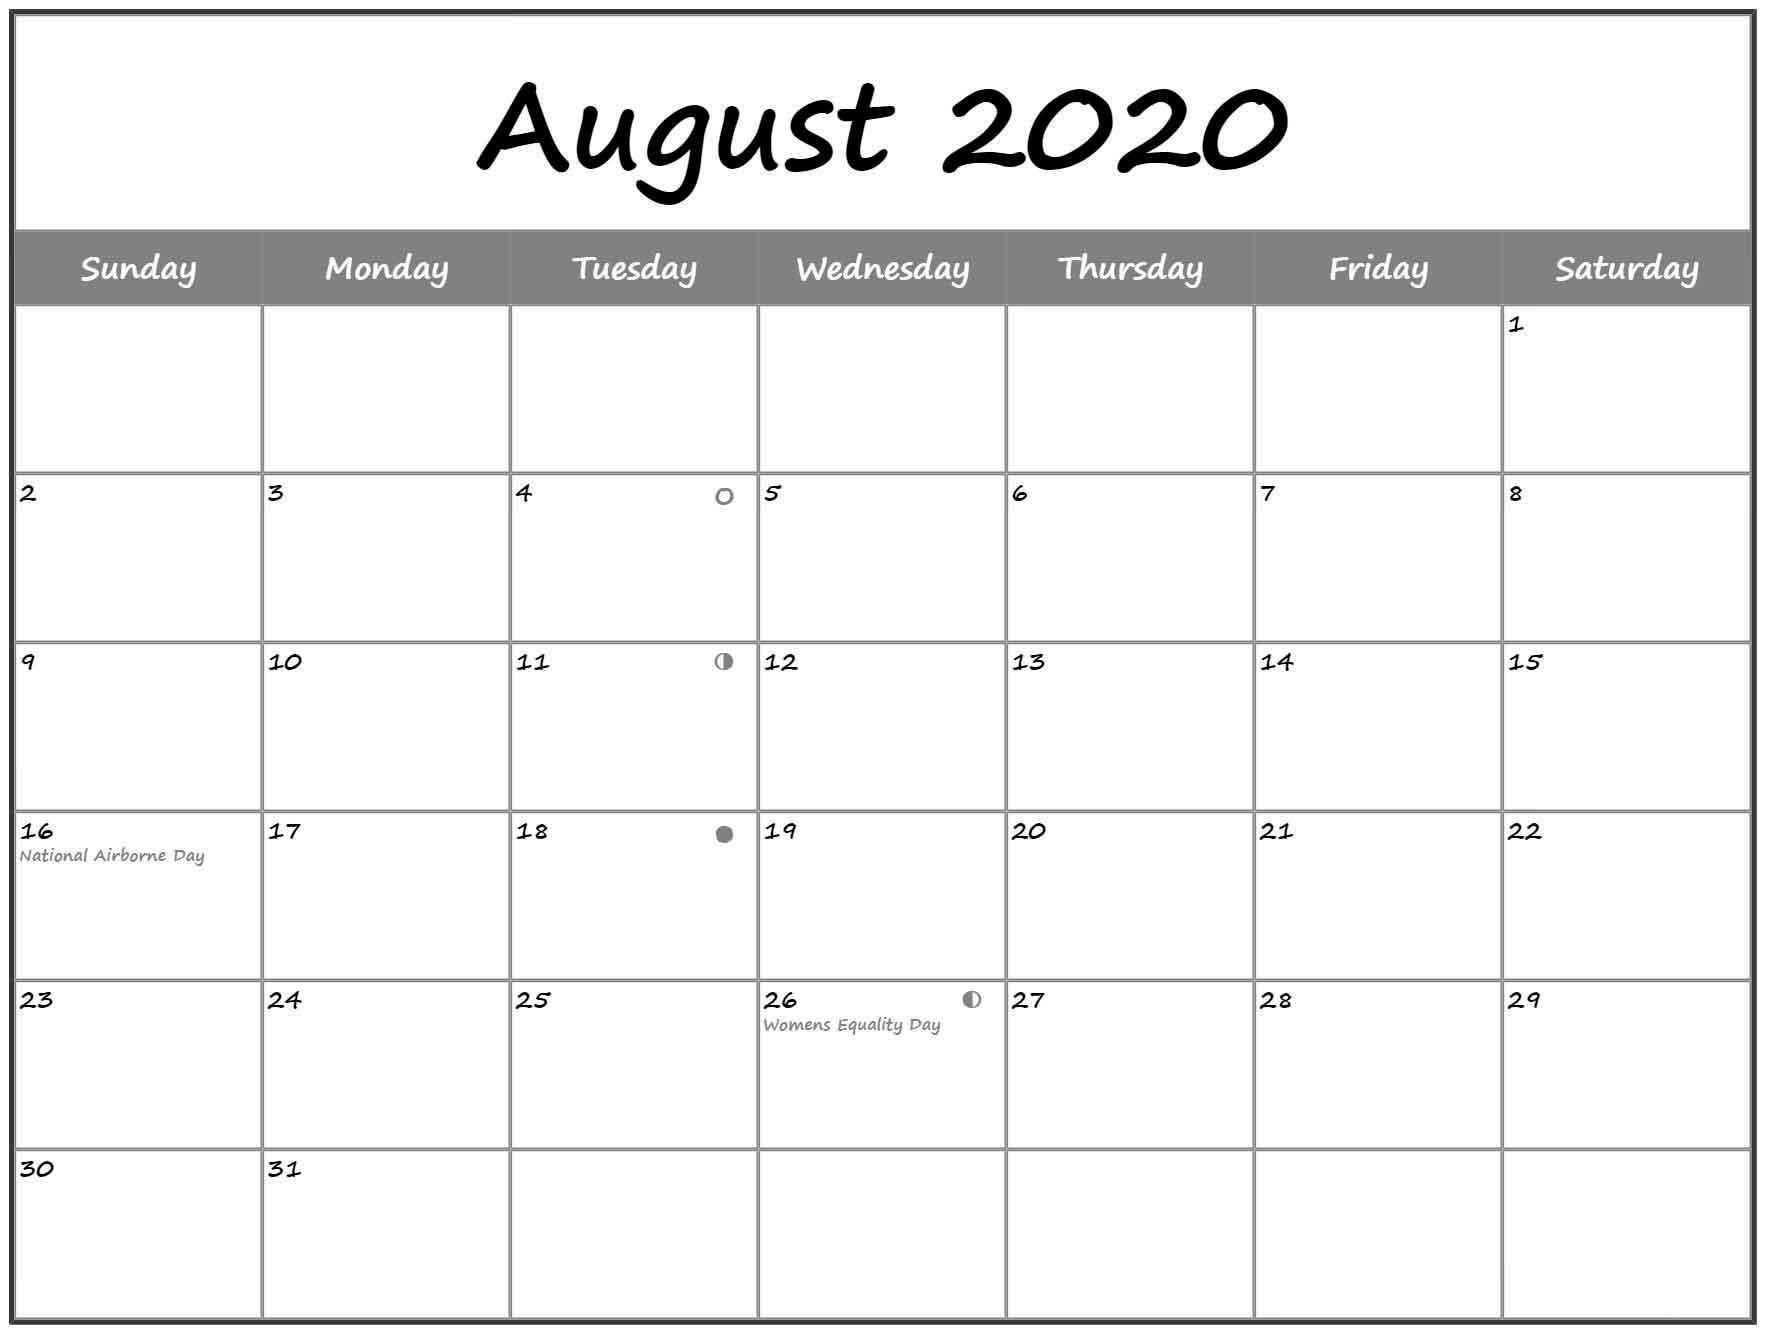 August 2020 Lunar Calendar